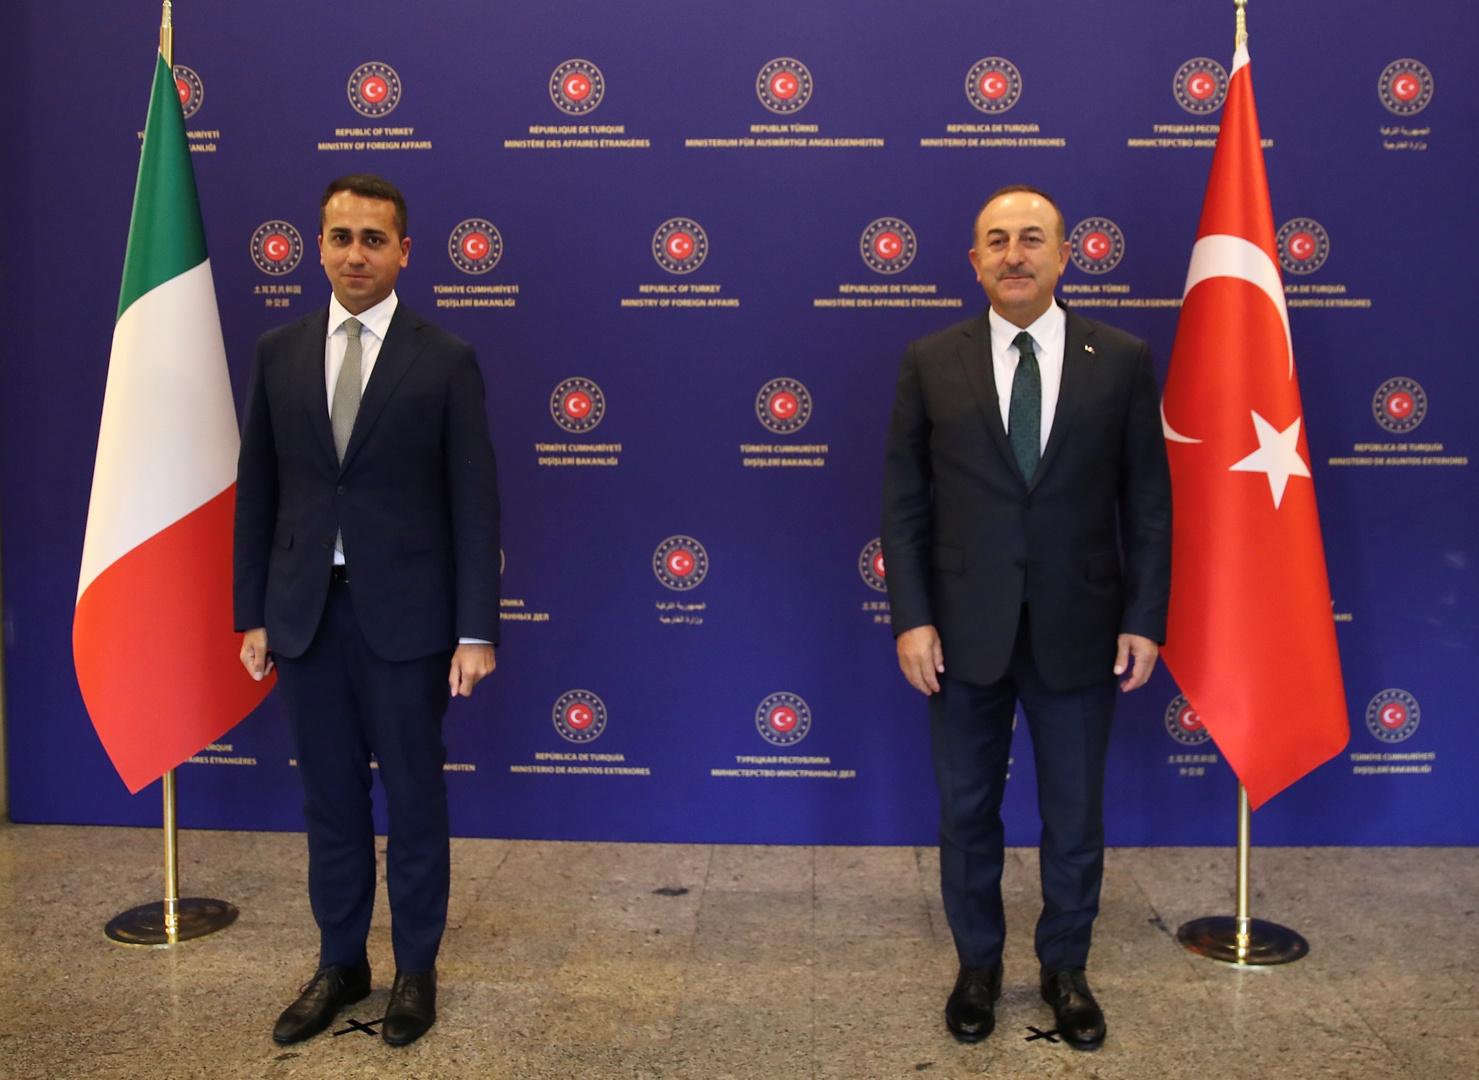 تركيا تشكر إيطاليا على موقفها تجاه حفتر